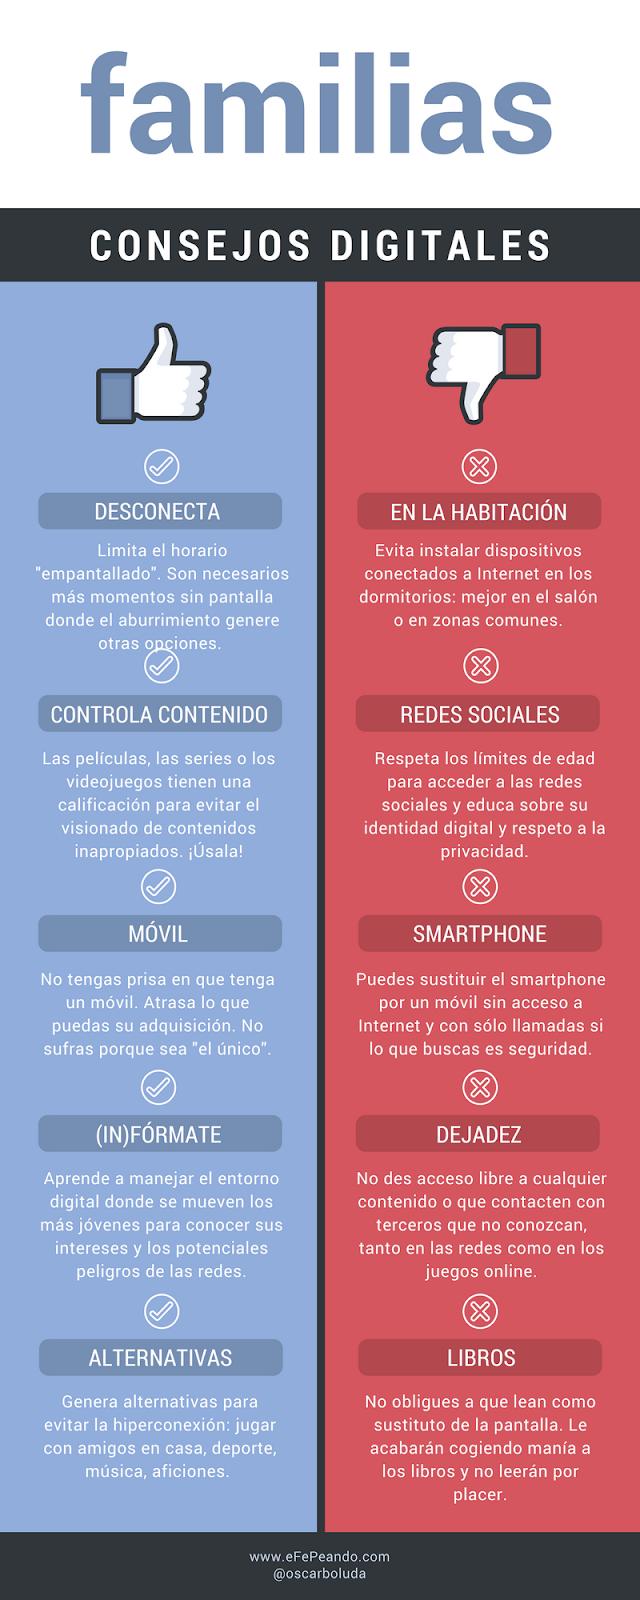 familias consejos digitales infografía